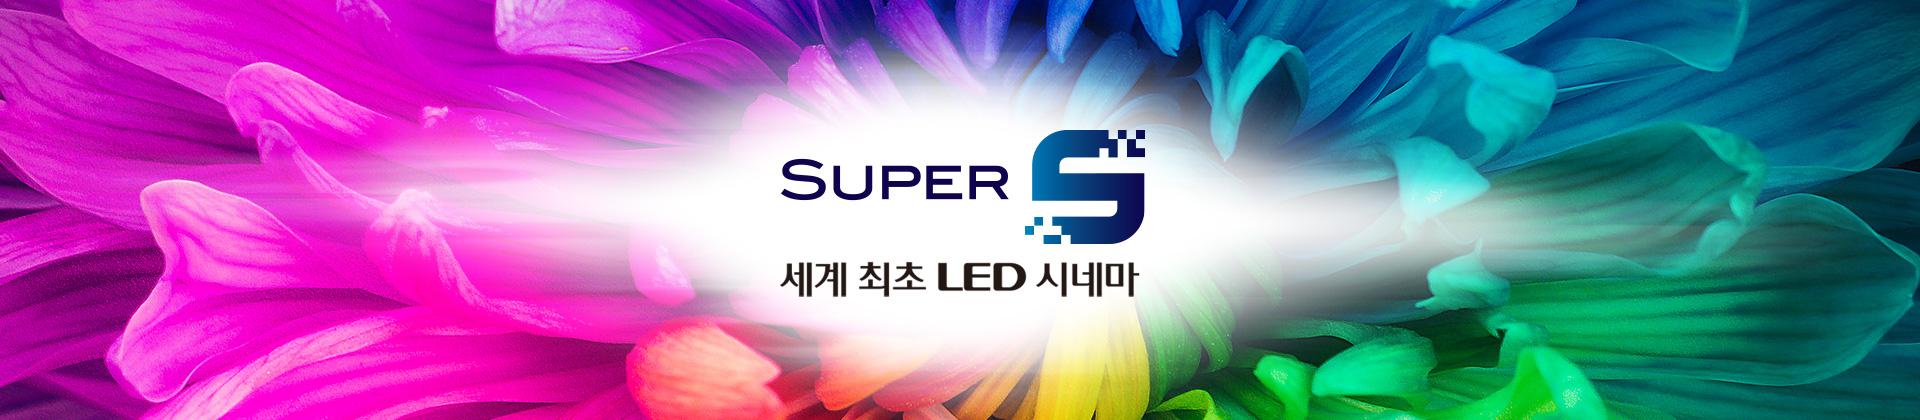 SUPER S 세계 최초 LED 시네마